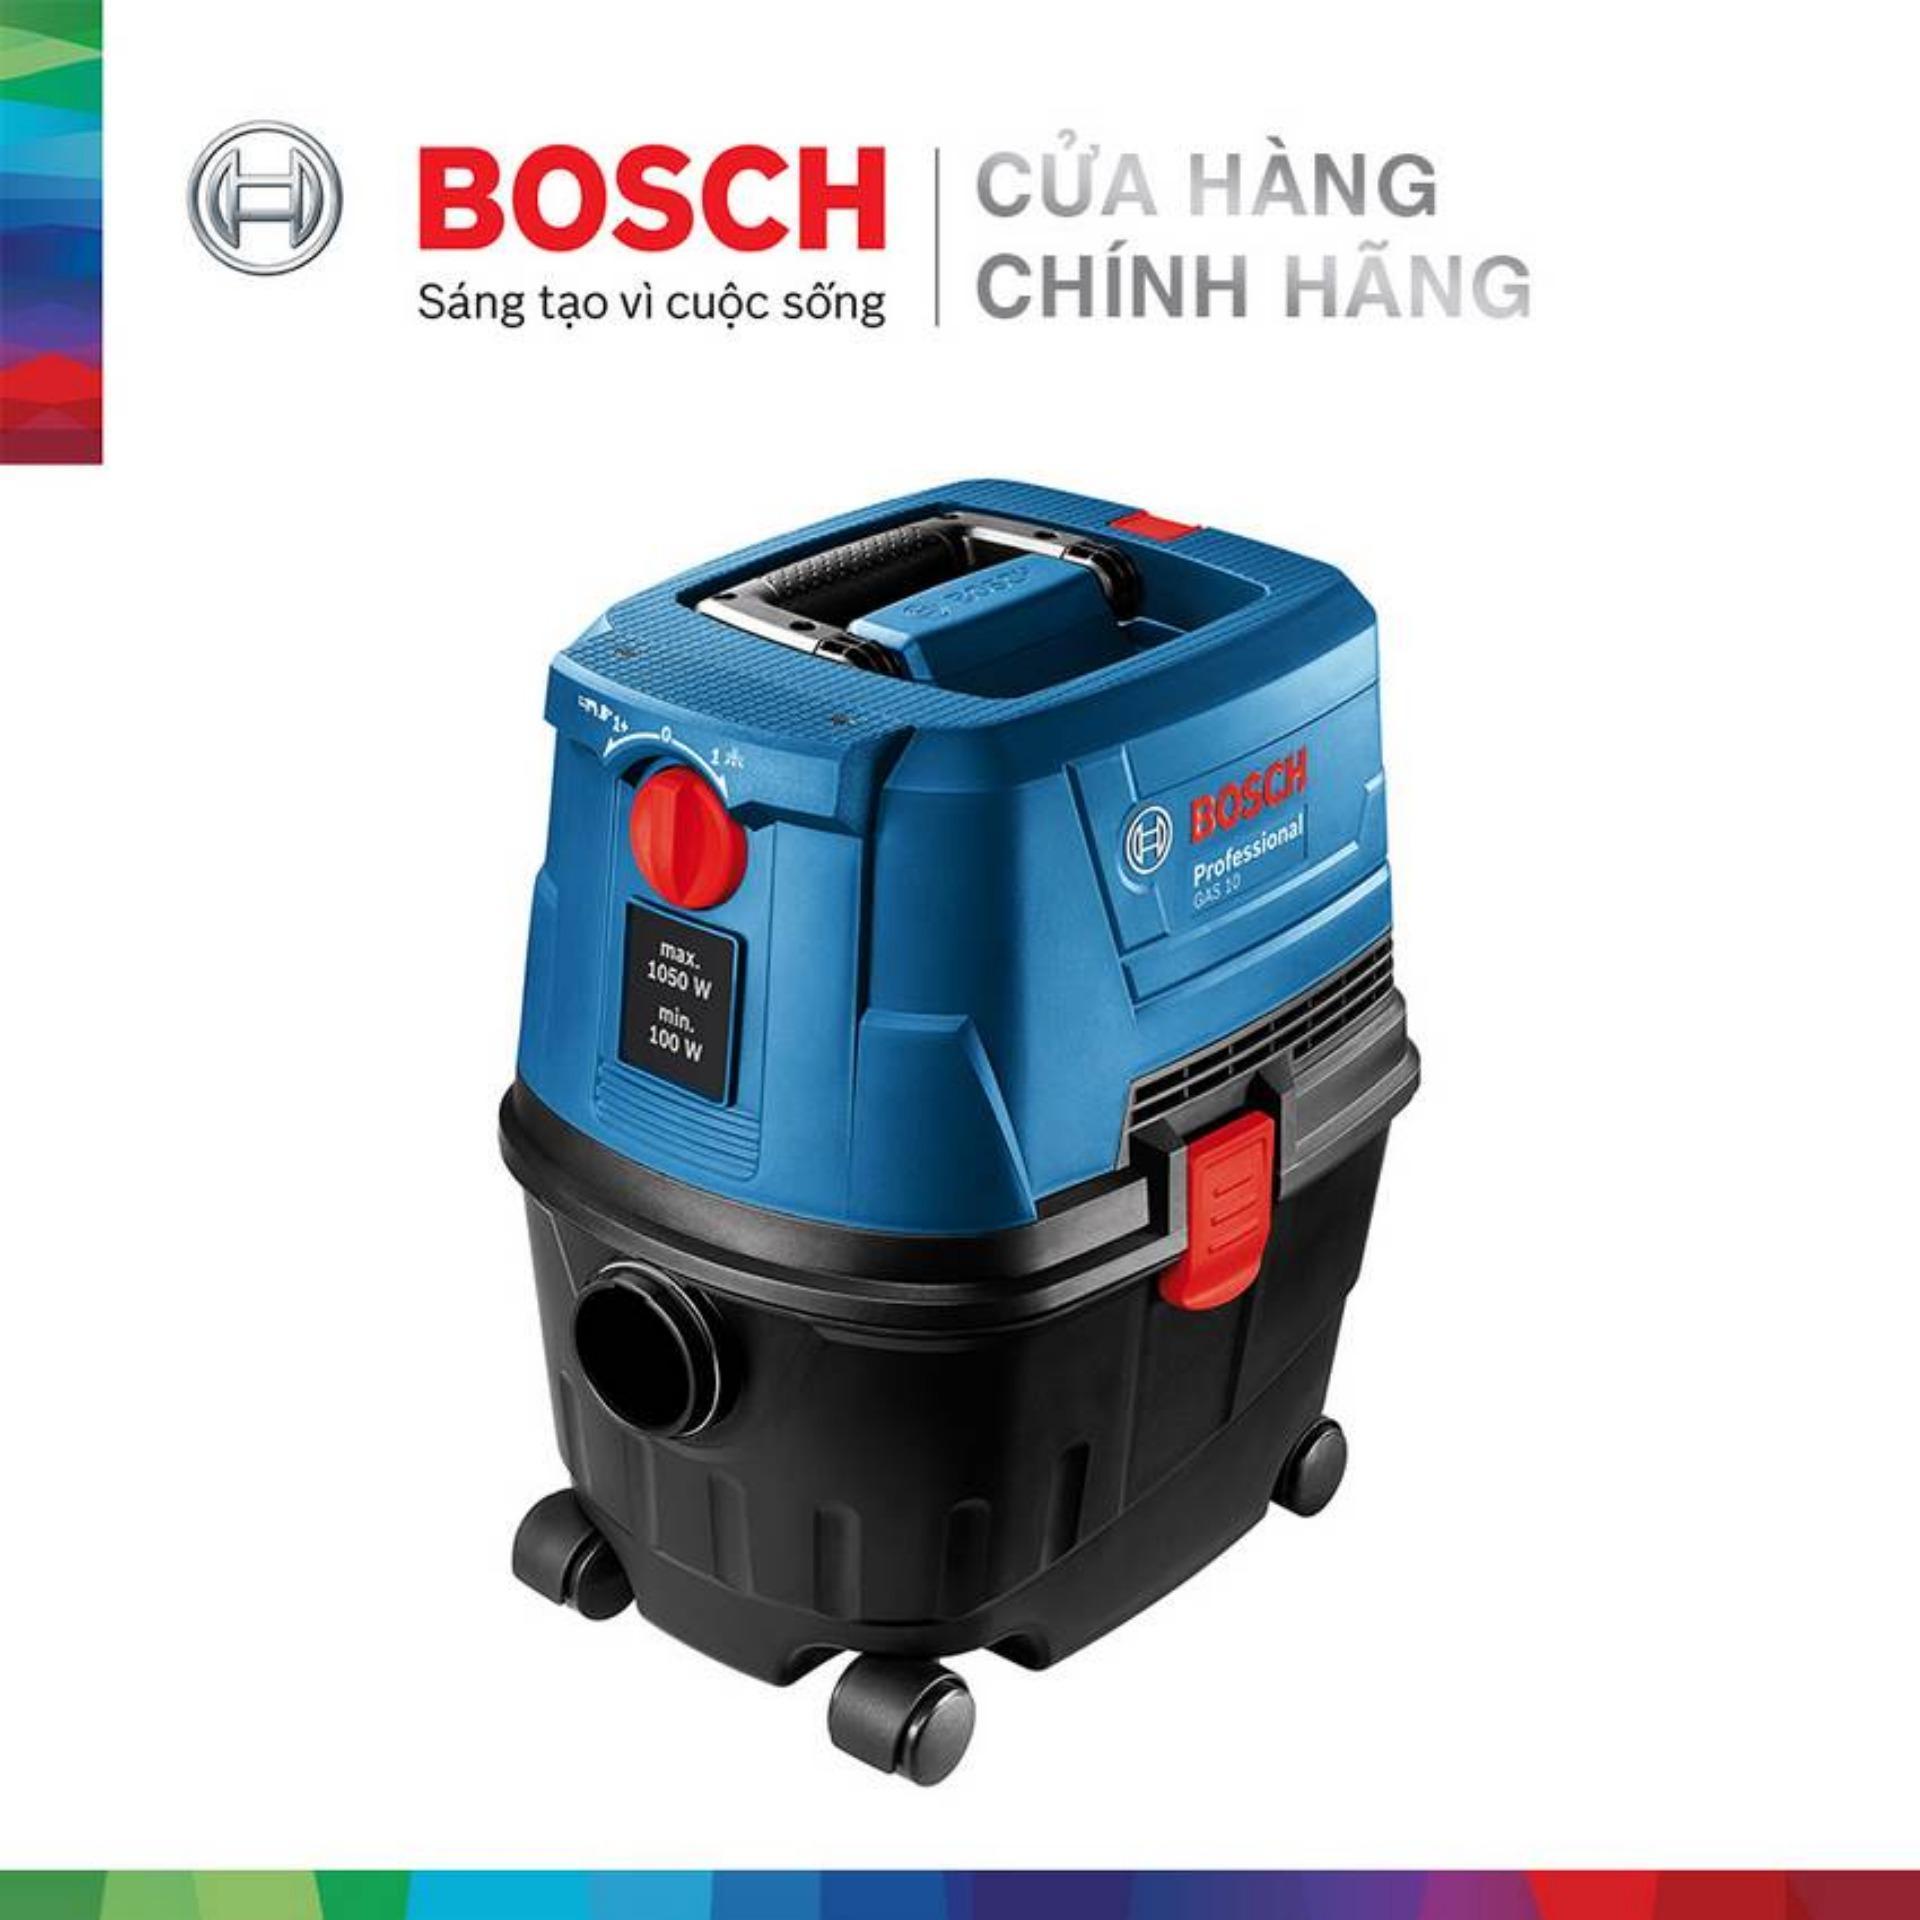 Máy hút bụi Bosch GAS 15 MỚI